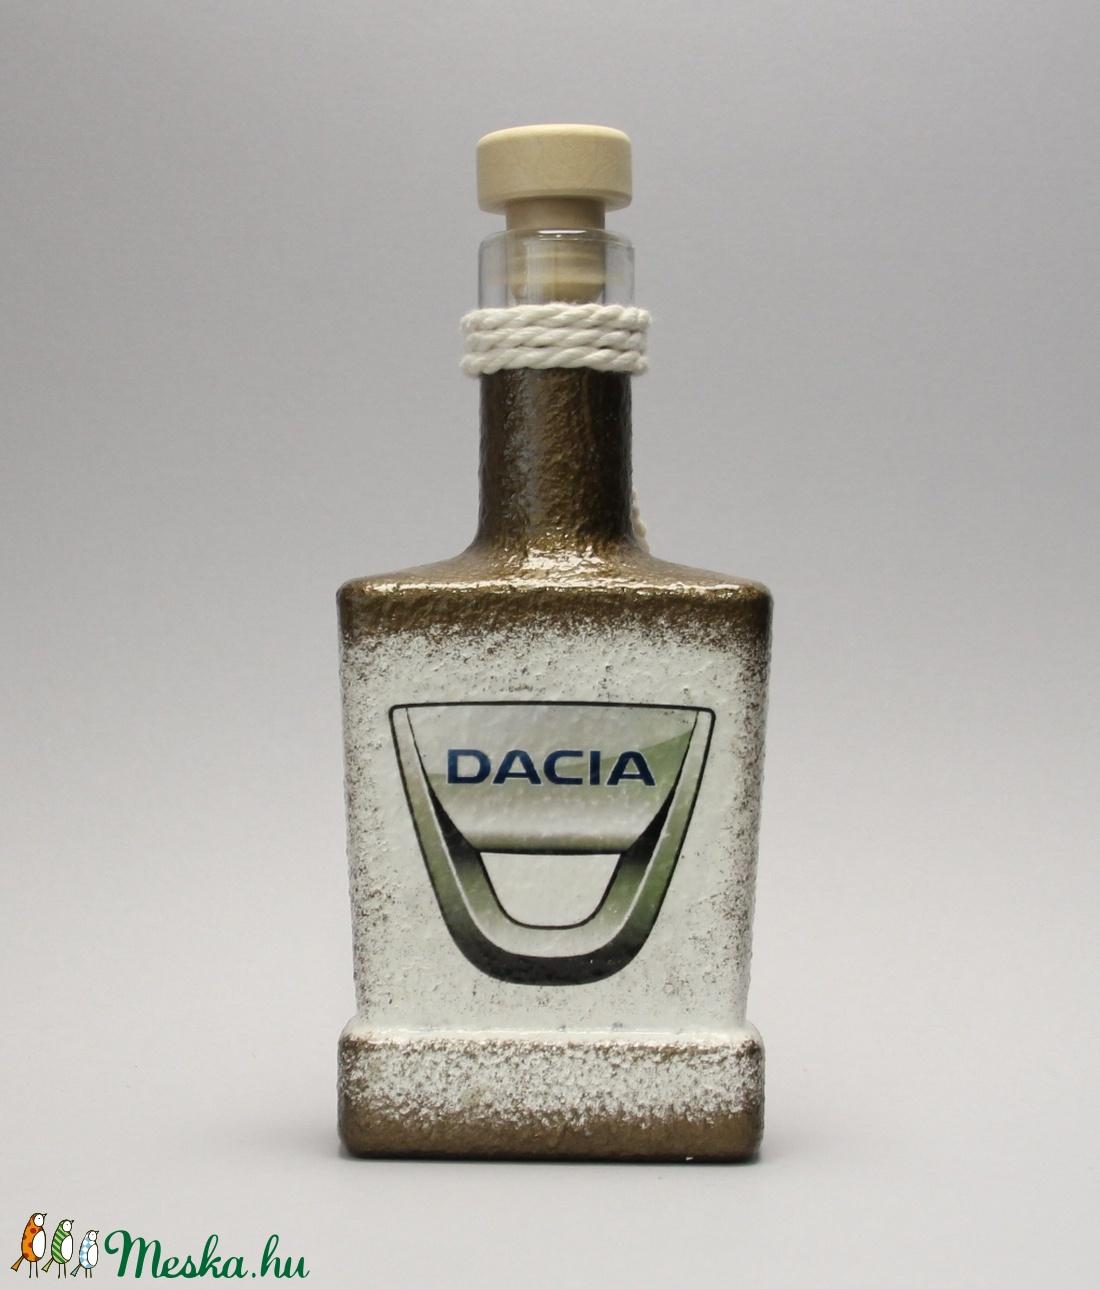 Dacia emblémával díszített dugós italos üveg(0,2l)ideális ajándék a márka szerelmeseinek - férjeknek -barátoknak  (decorfantasy) - Meska.hu